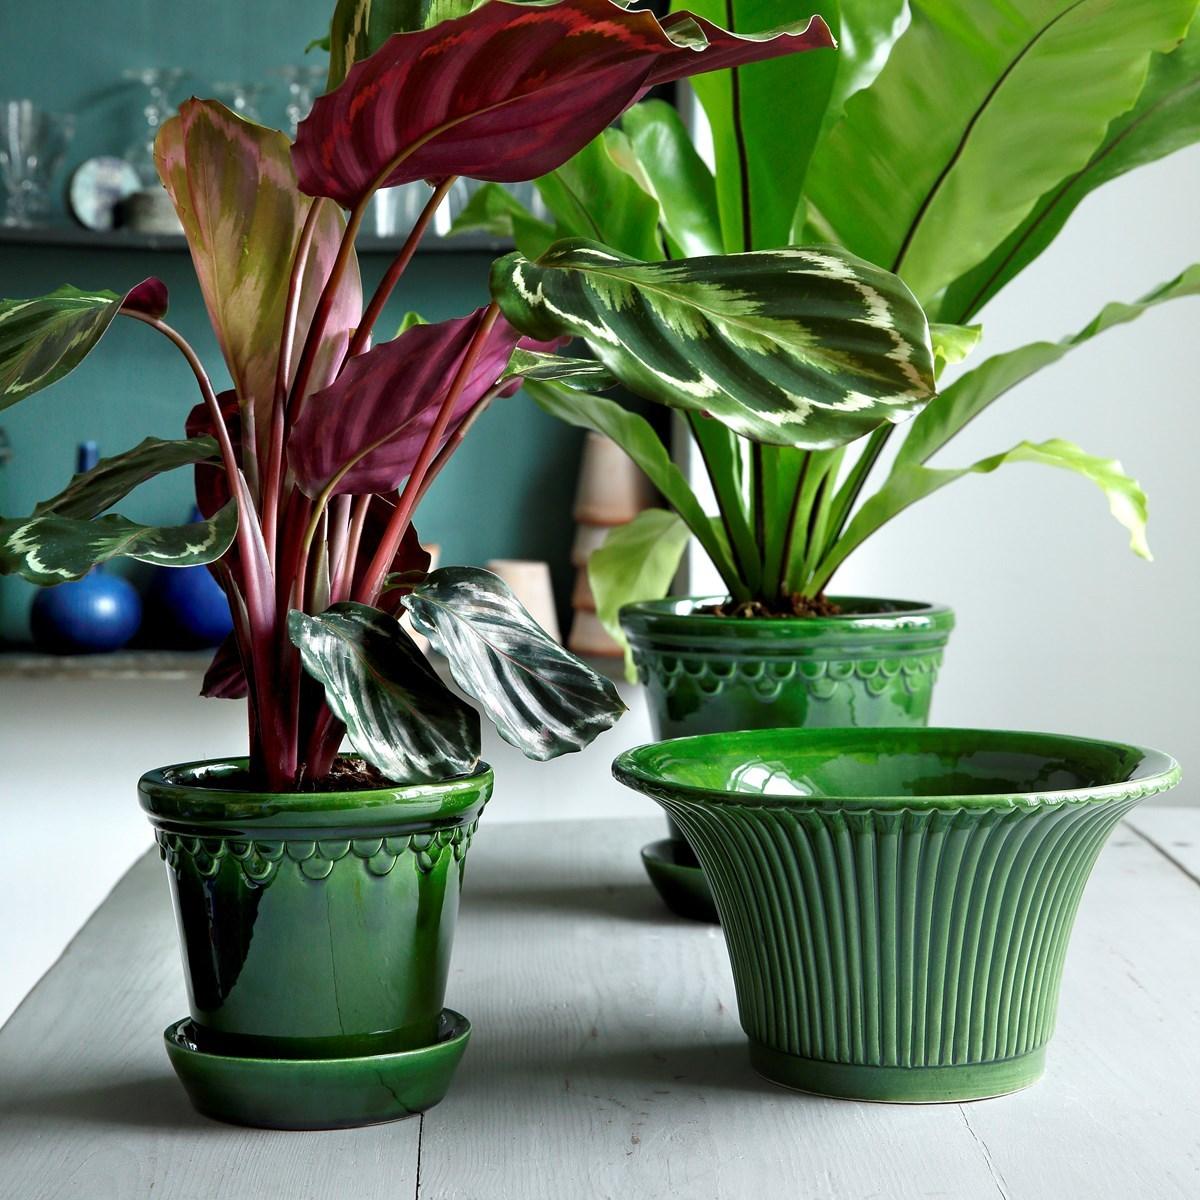 La plantas pueden ser excelentes compañeras en casa. Estos maceteros...